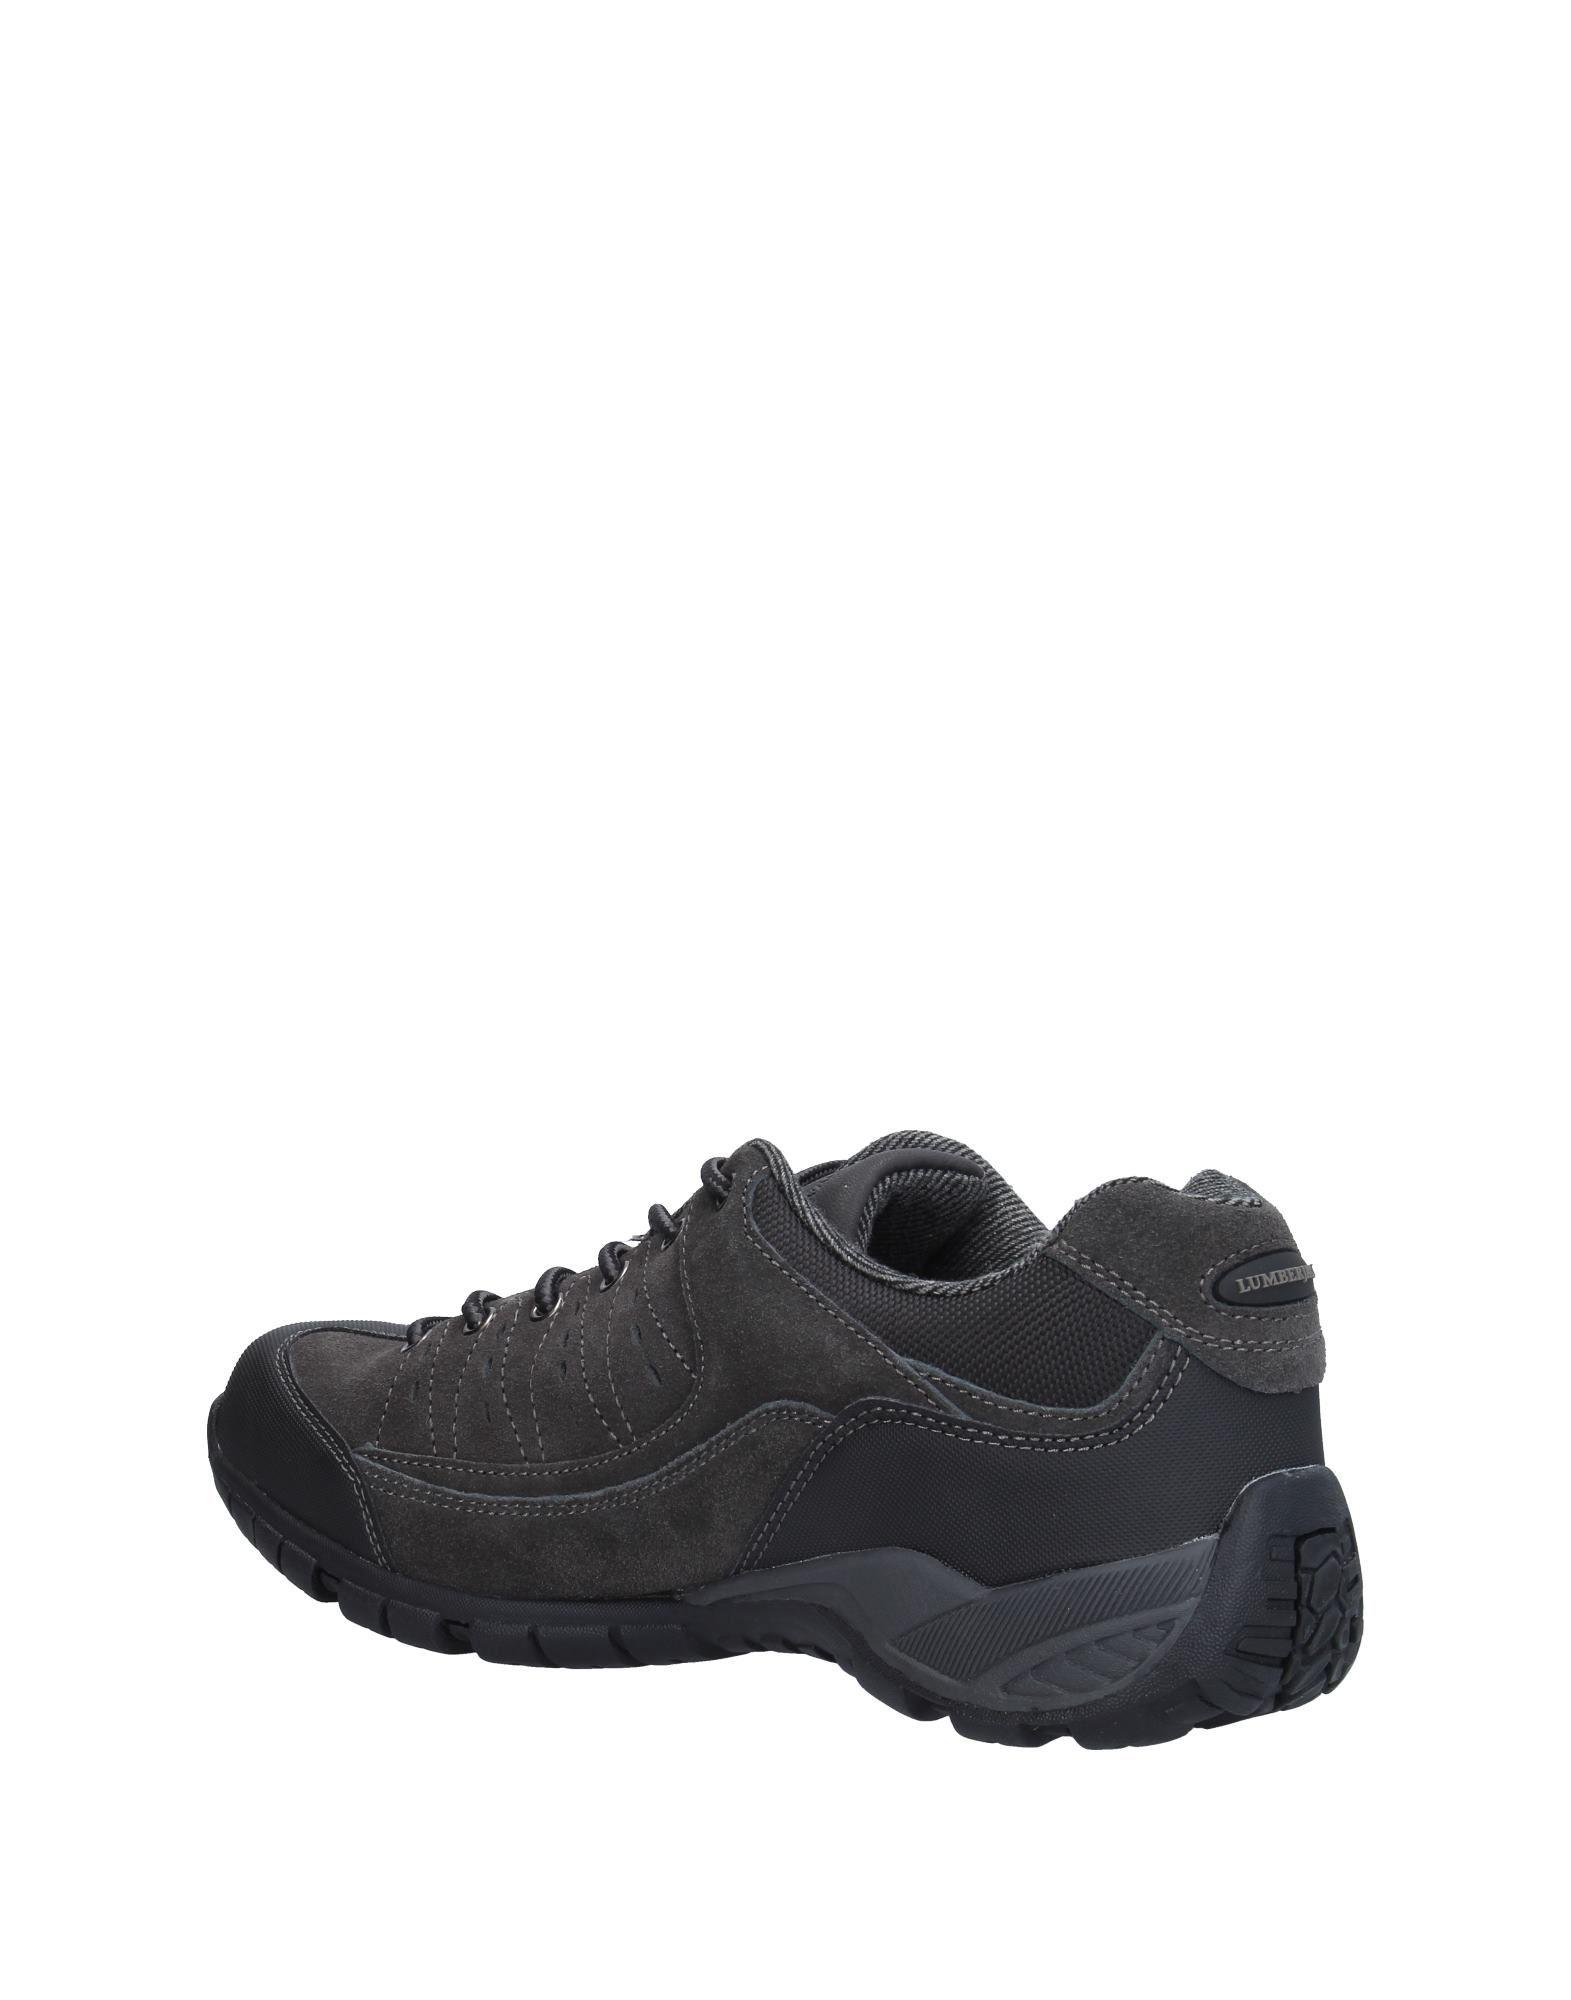 Lumberjack Sneakers Schuhe Herren  11321246KG Heiße Schuhe Sneakers b7af33